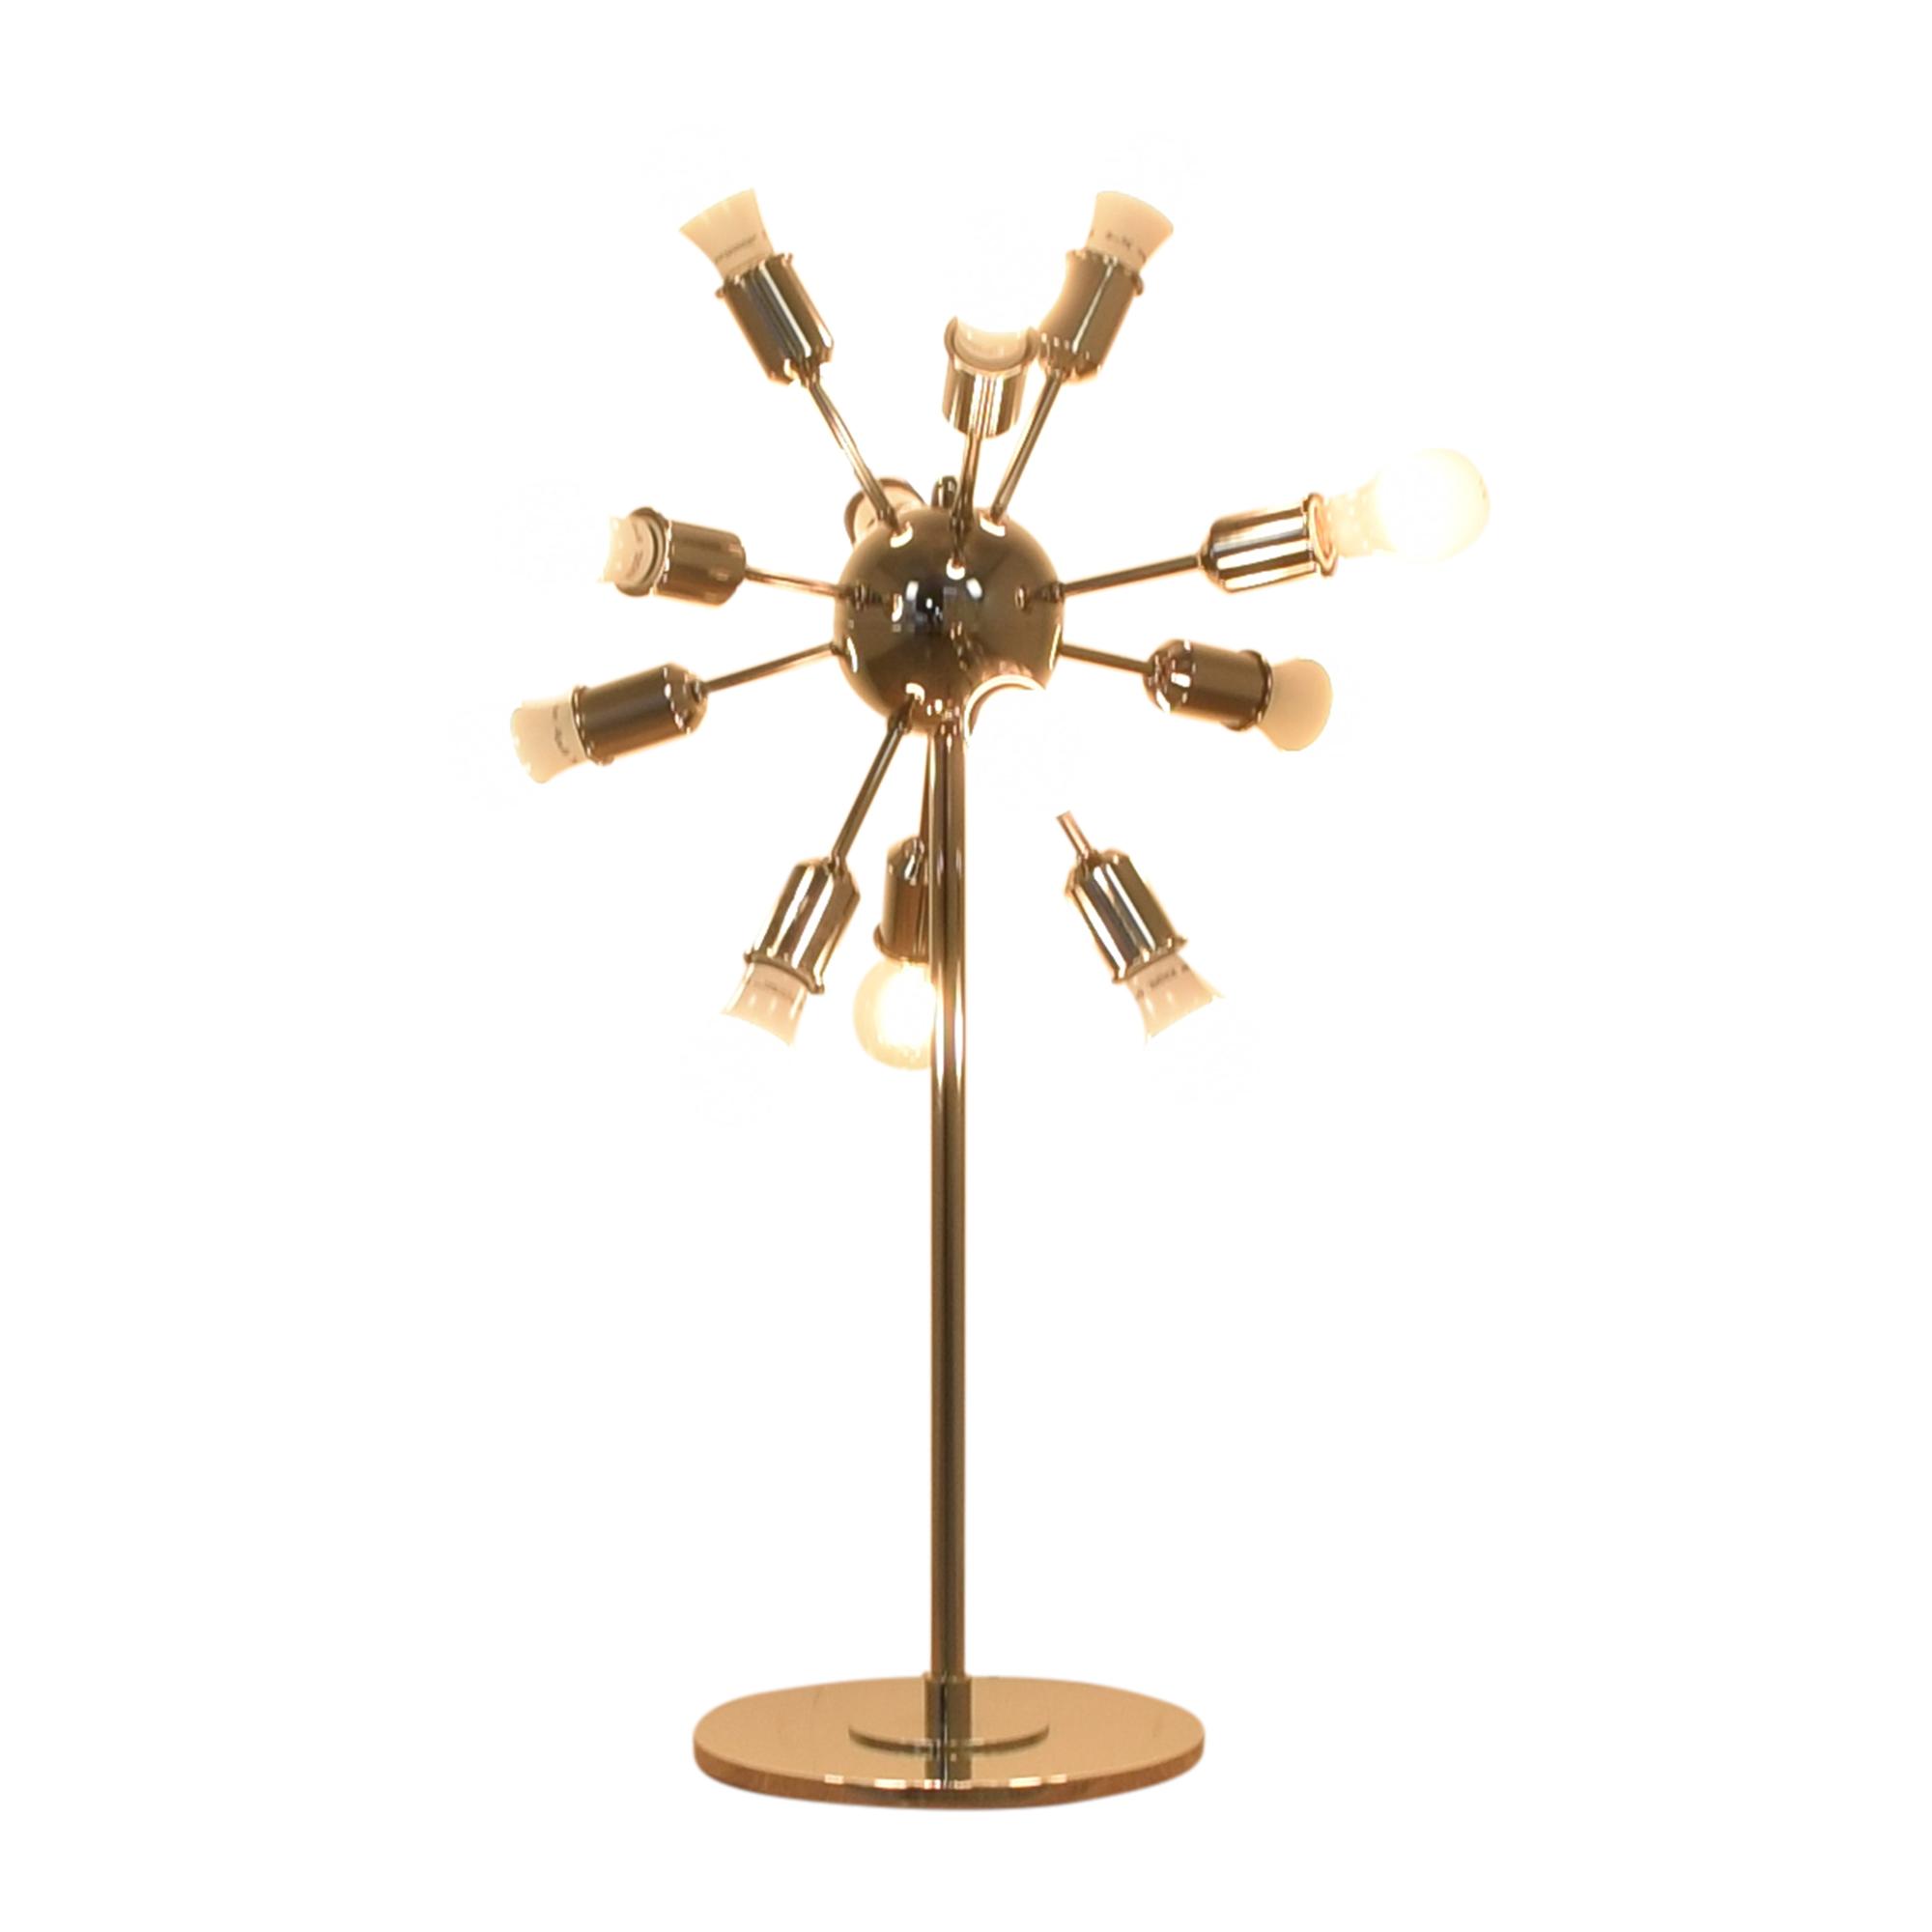 Restoration Hardware Restoration Hardware Sputnik Table Lamp ma